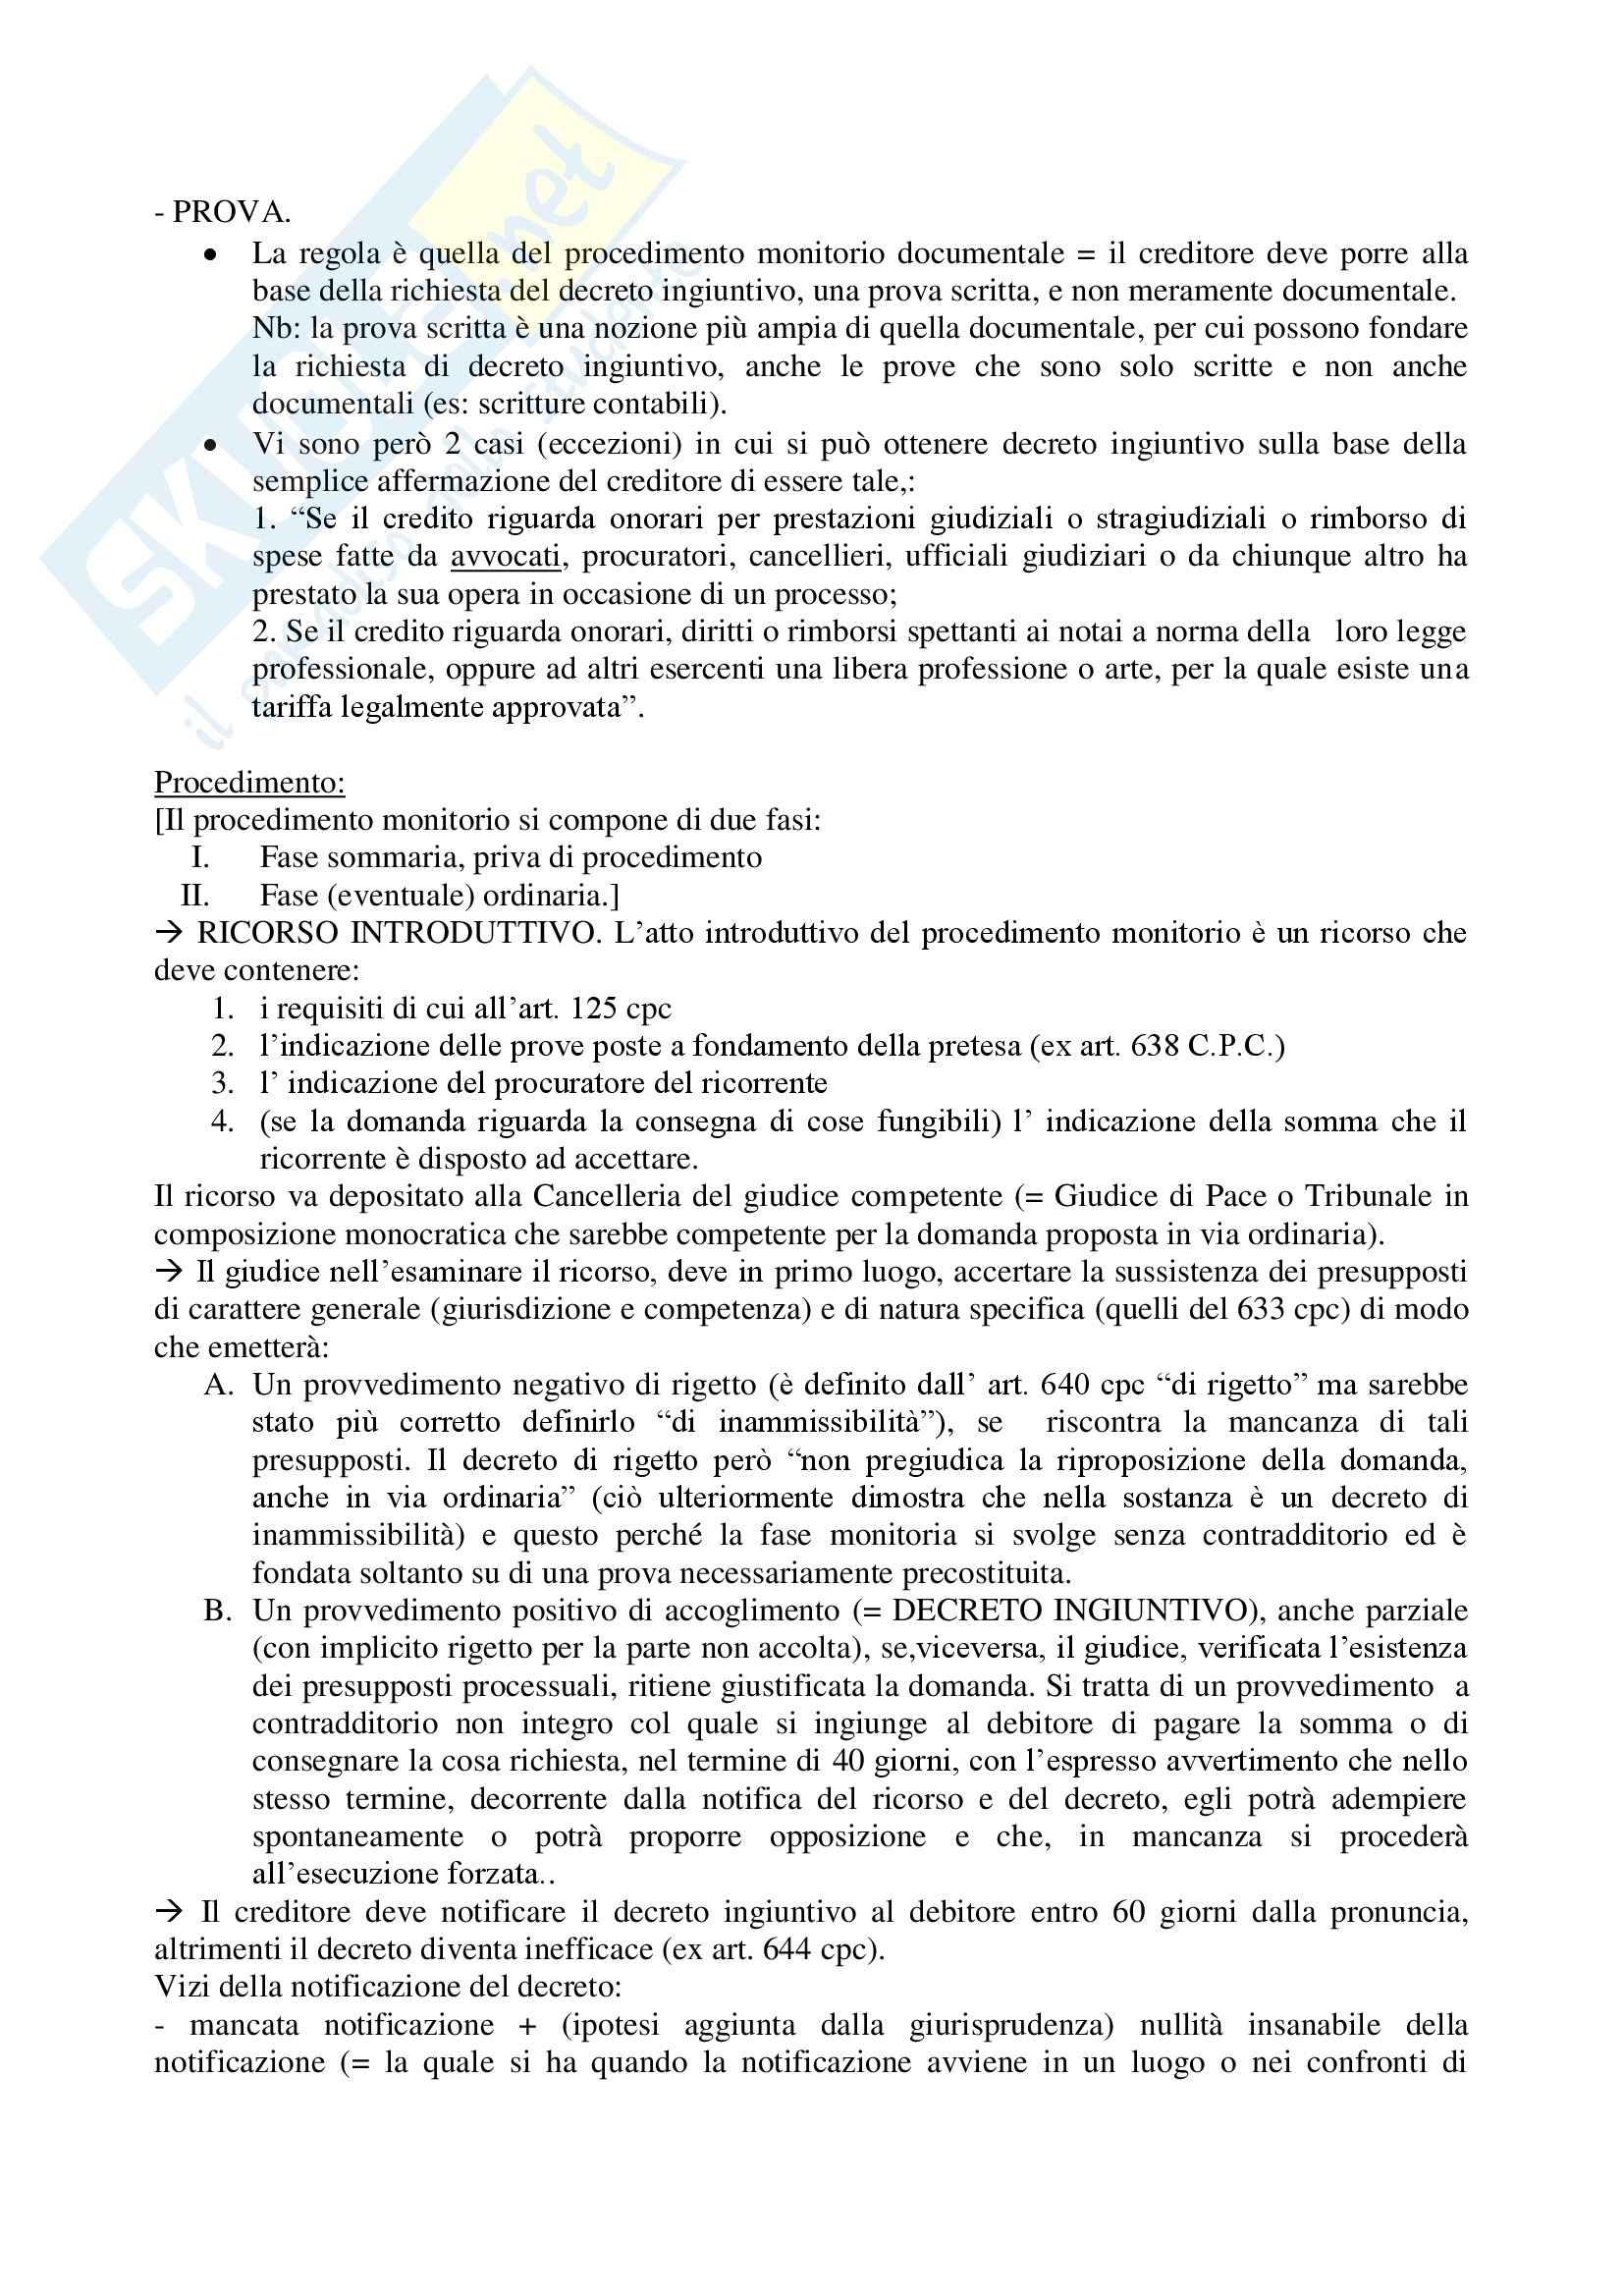 Riassunto esame Diritto, prof. Auletta, libro consigliato Verde: libro IV Pag. 2